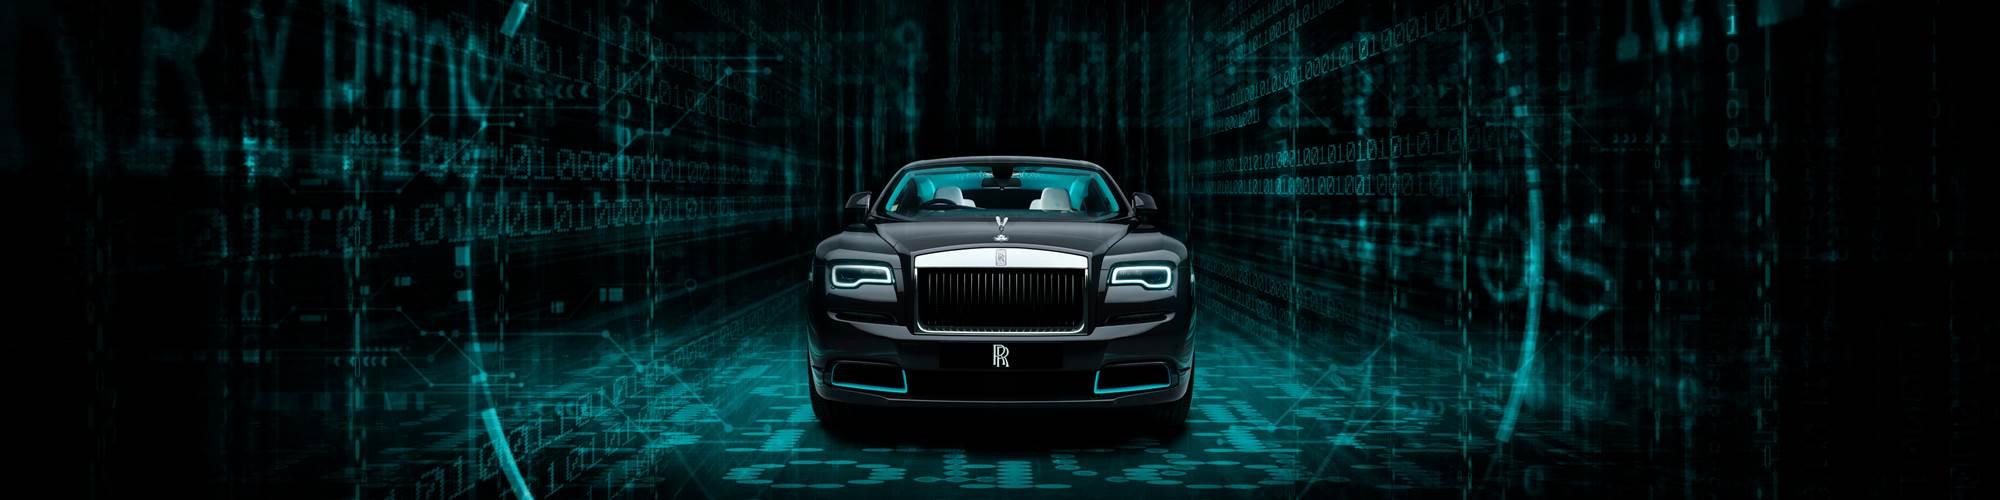 Rolls-Royce code car